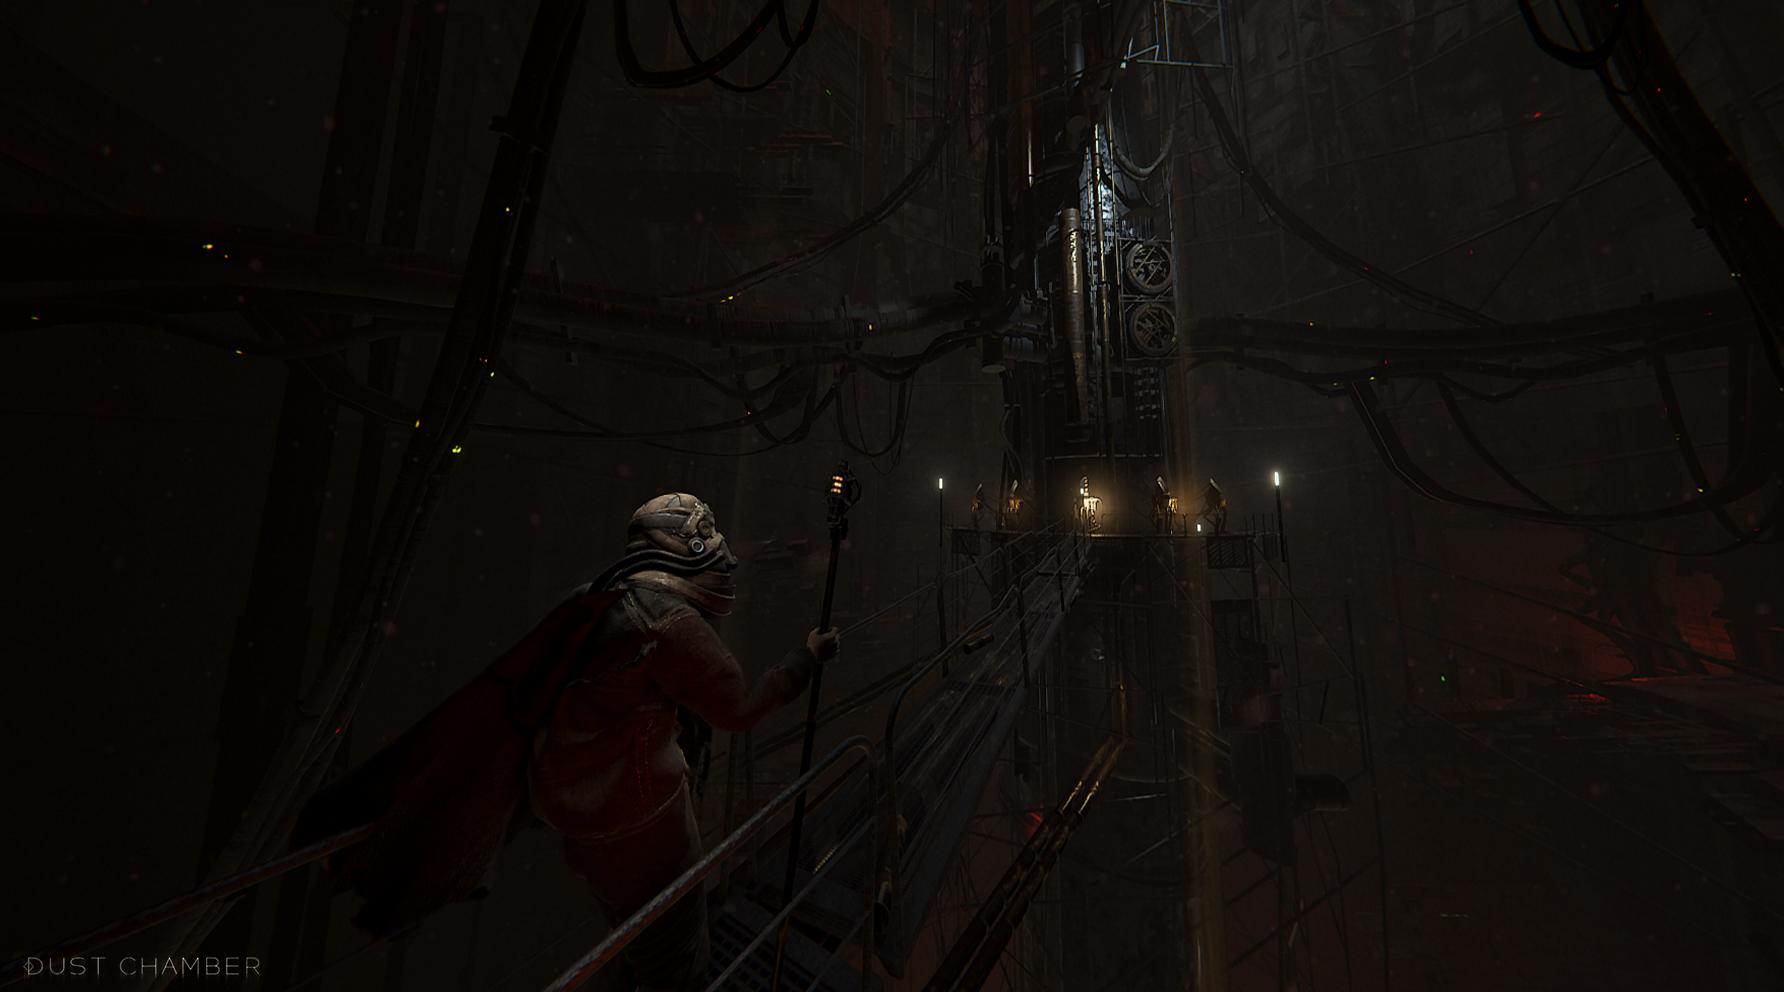 Dust_chamber_screenshots_final_04 | Dust Chamber : Бесконечная Структура, пыль, спуск в бездну